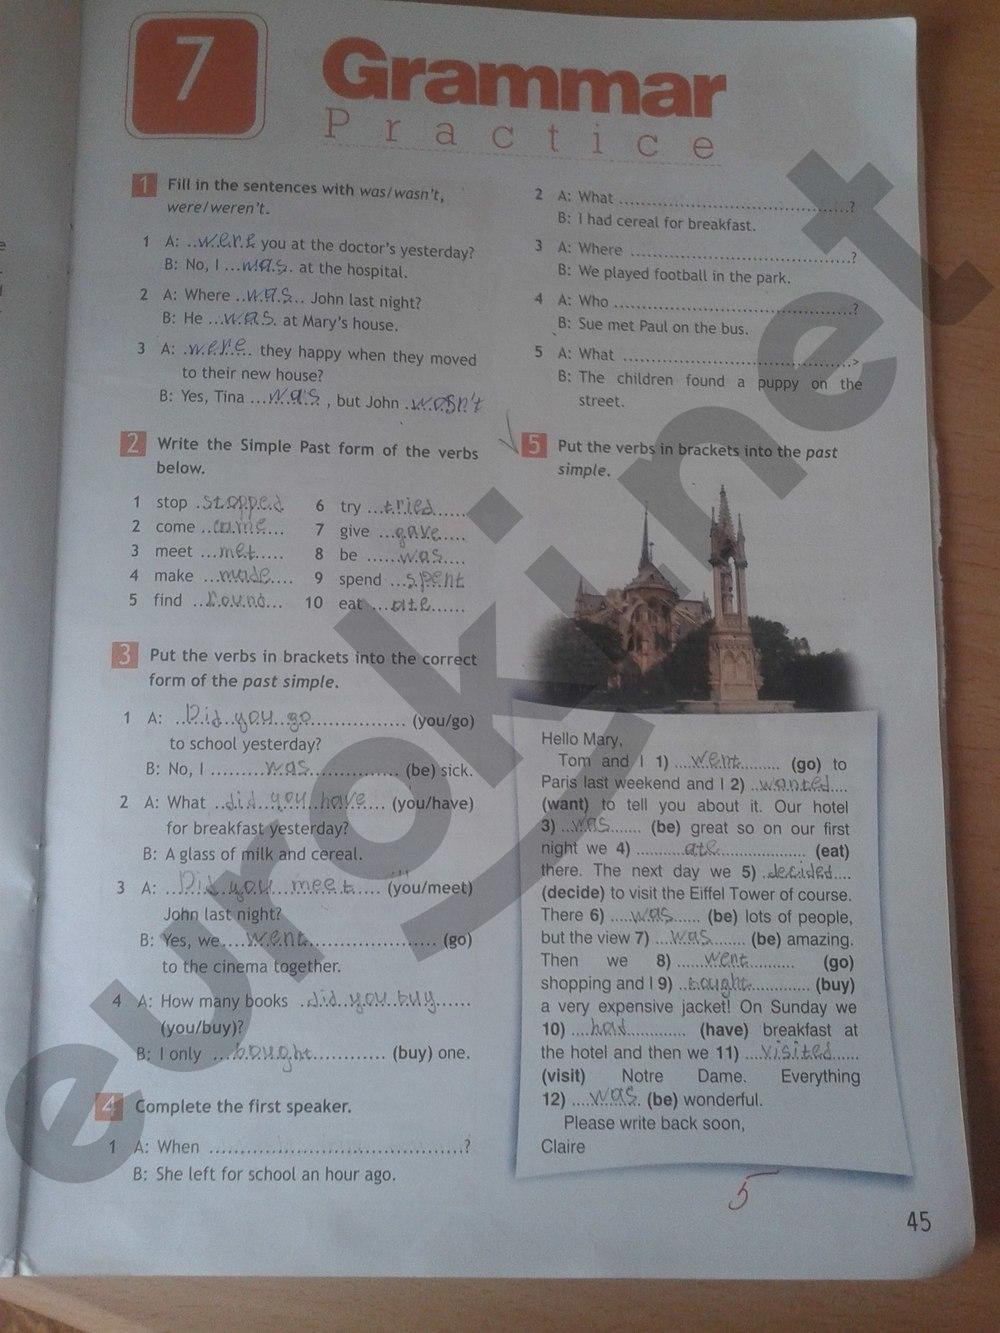 Решебник по рабочей тетради английскому языку 5 класс юлия ваулина